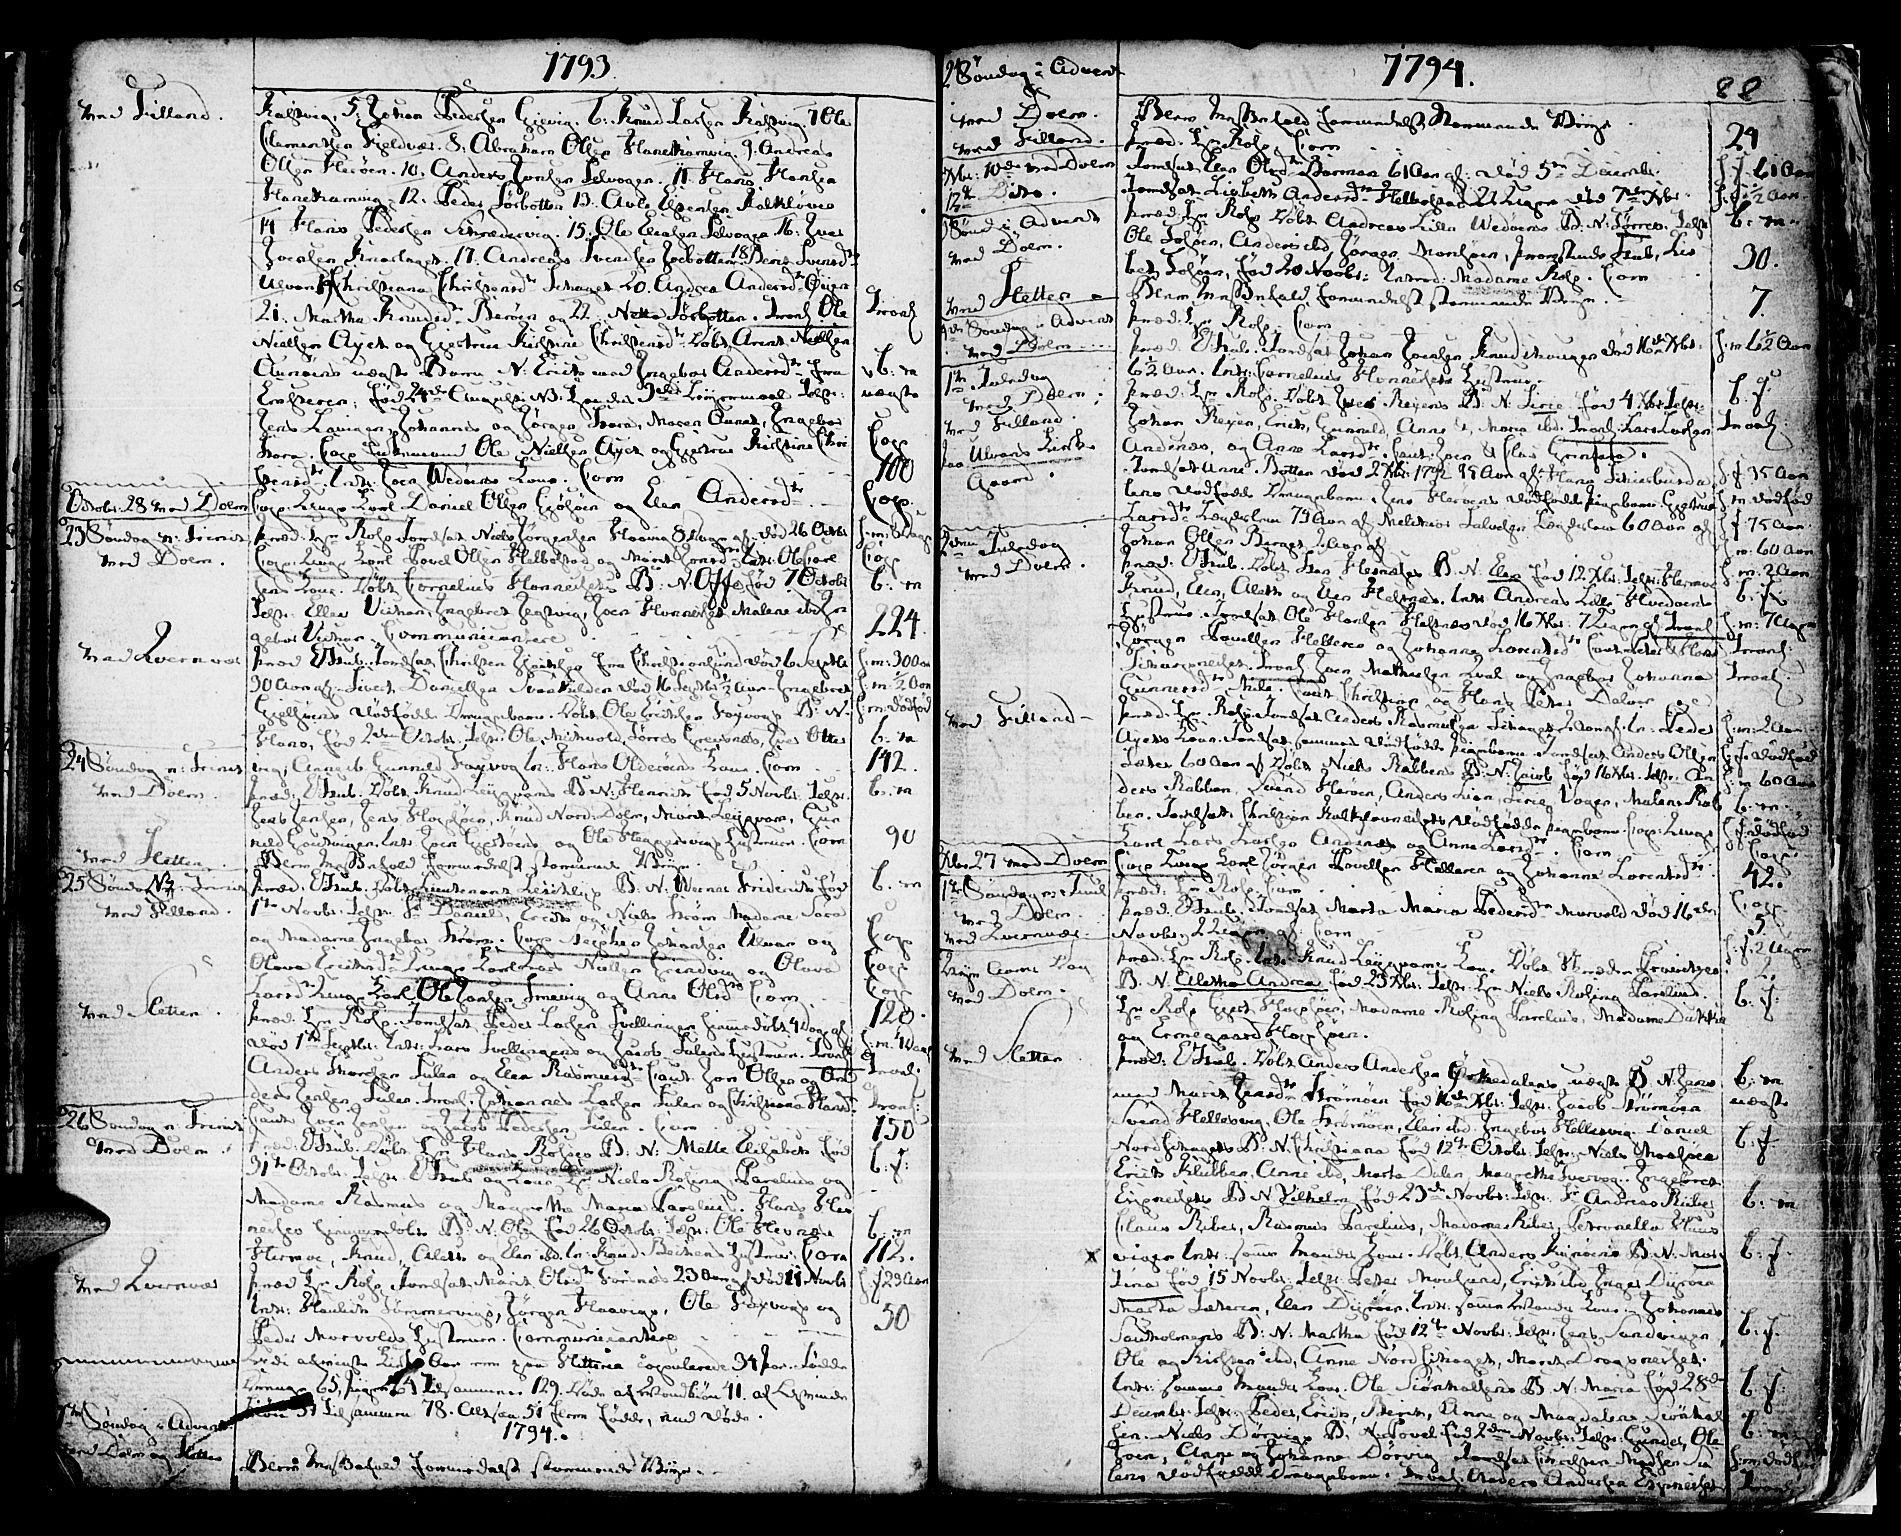 SAT, Ministerialprotokoller, klokkerbøker og fødselsregistre - Sør-Trøndelag, 634/L0526: Ministerialbok nr. 634A02, 1775-1818, s. 88